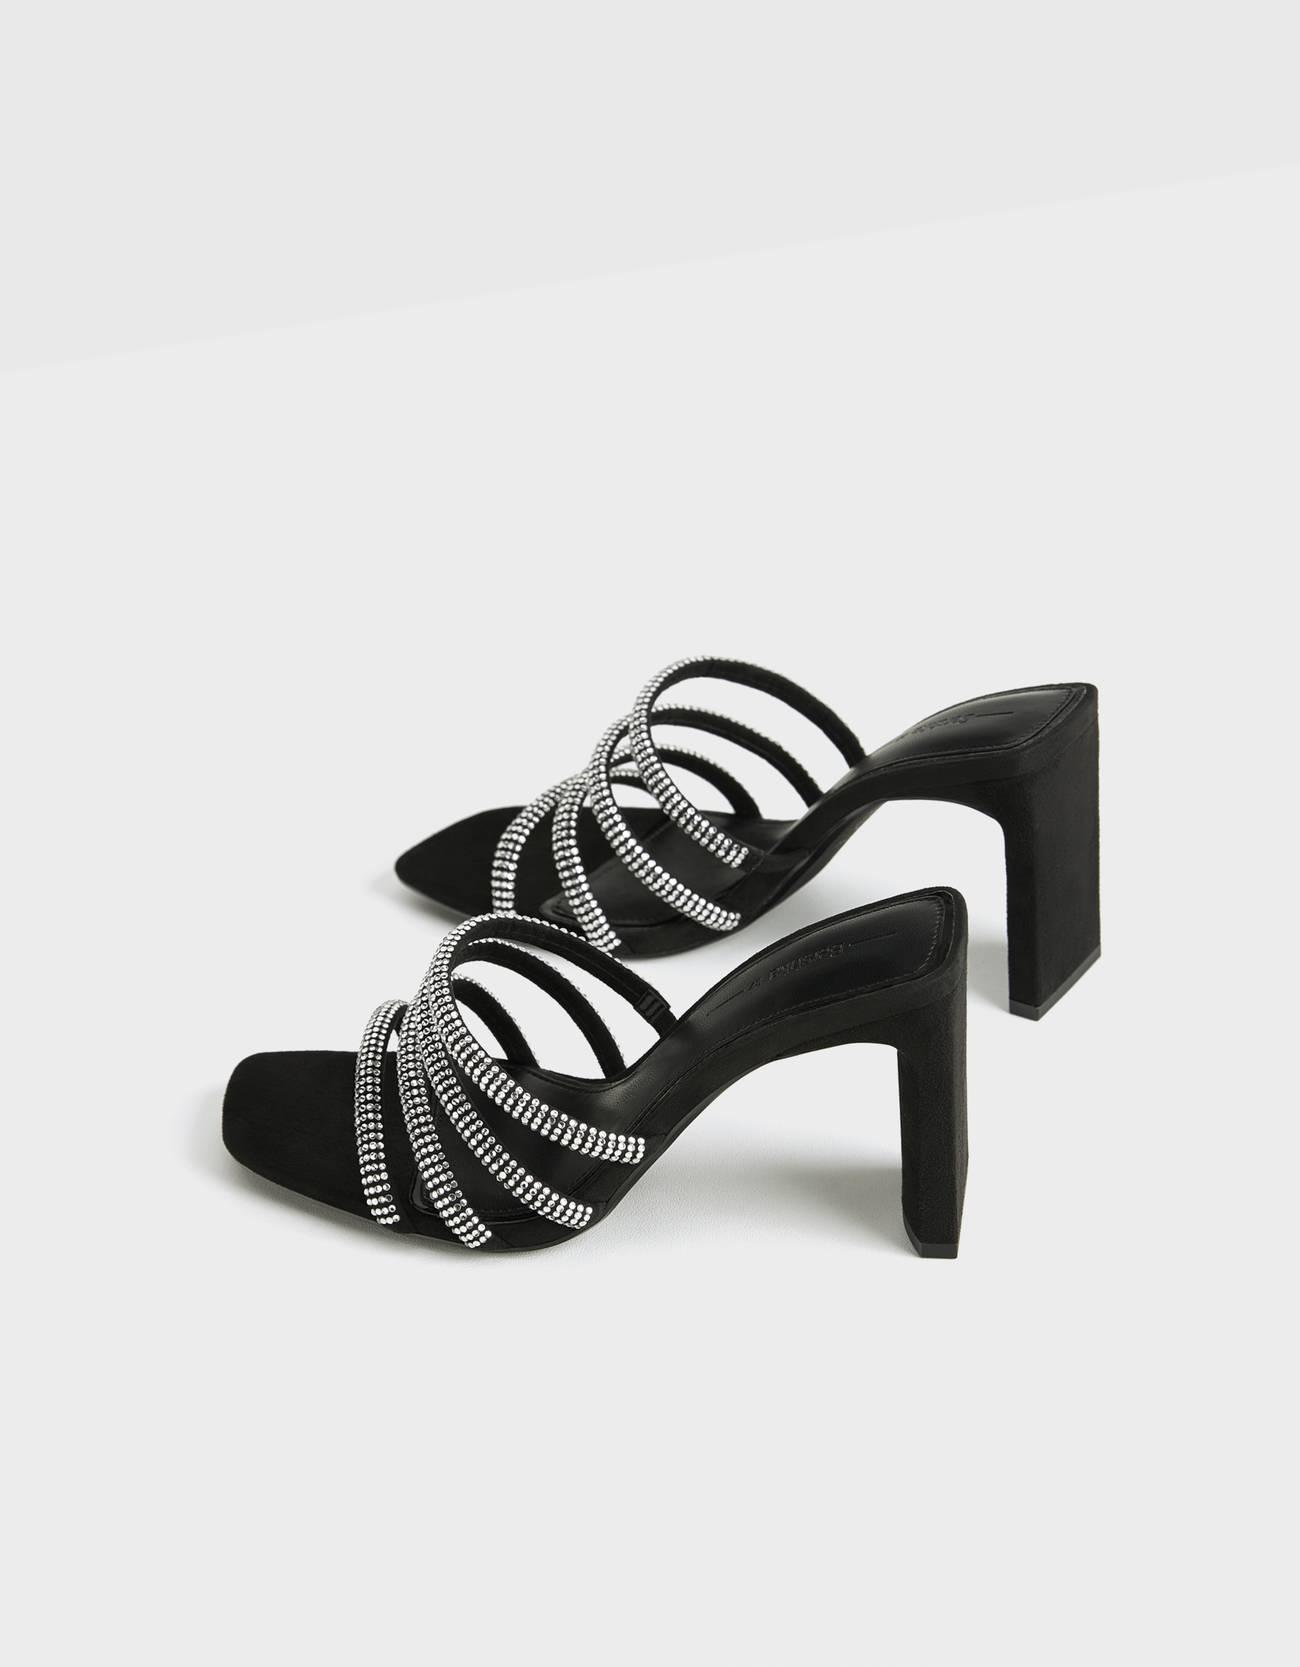 Sandalias con tiras de strass